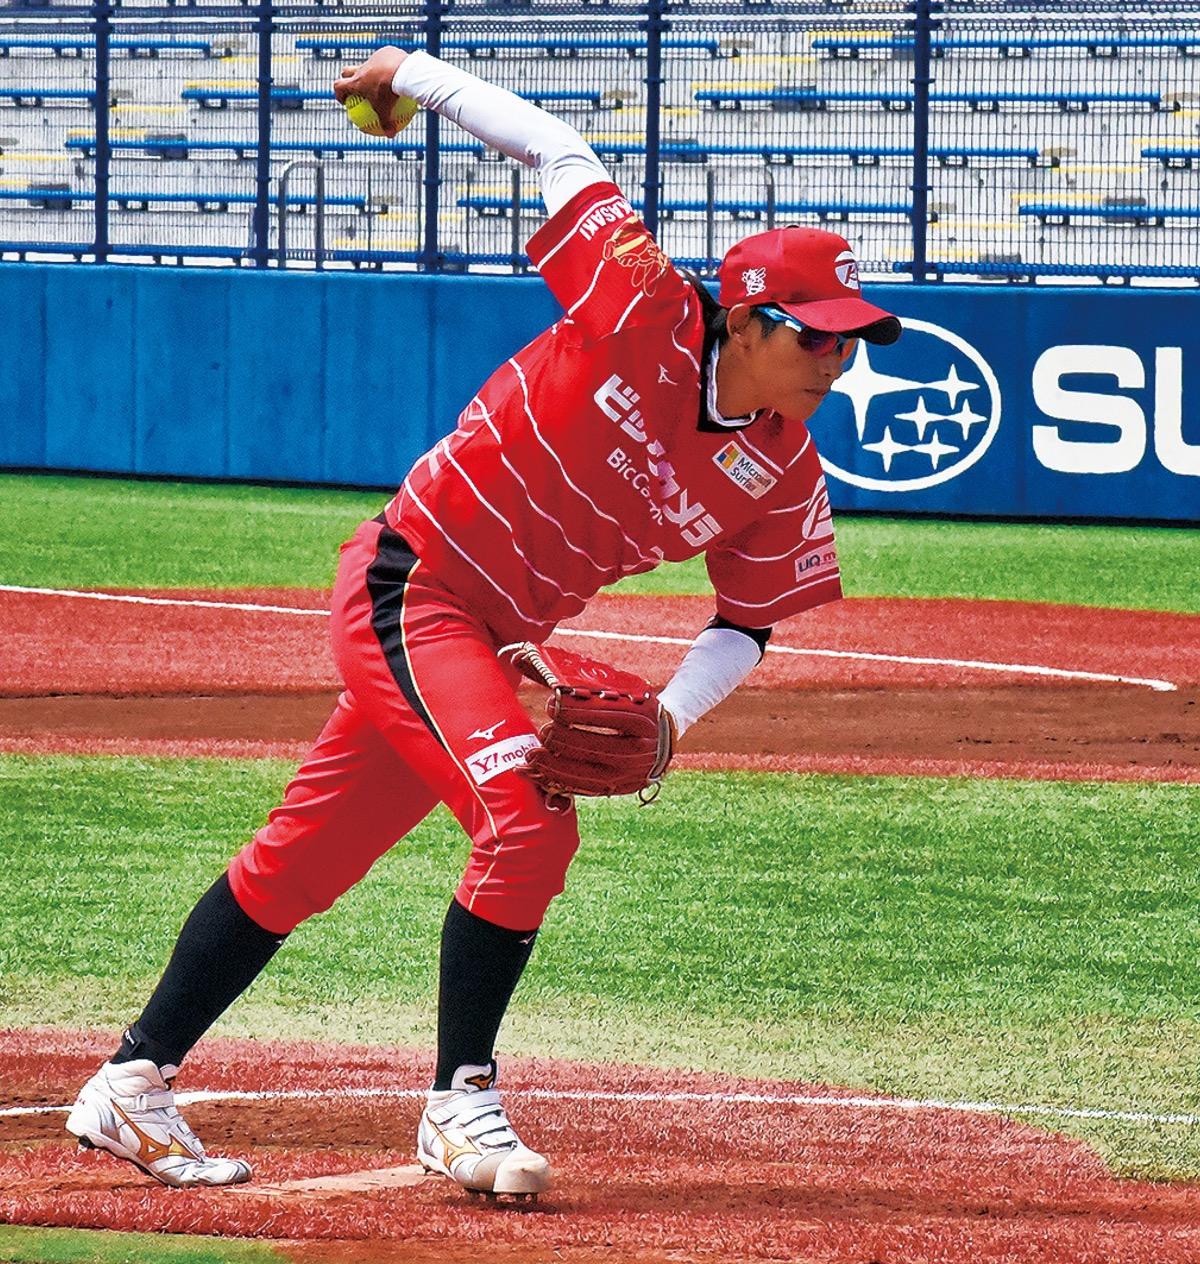 日本女子ソフトボール 世界のトップ選手が集結 大和S(スタジアム)で9 ...